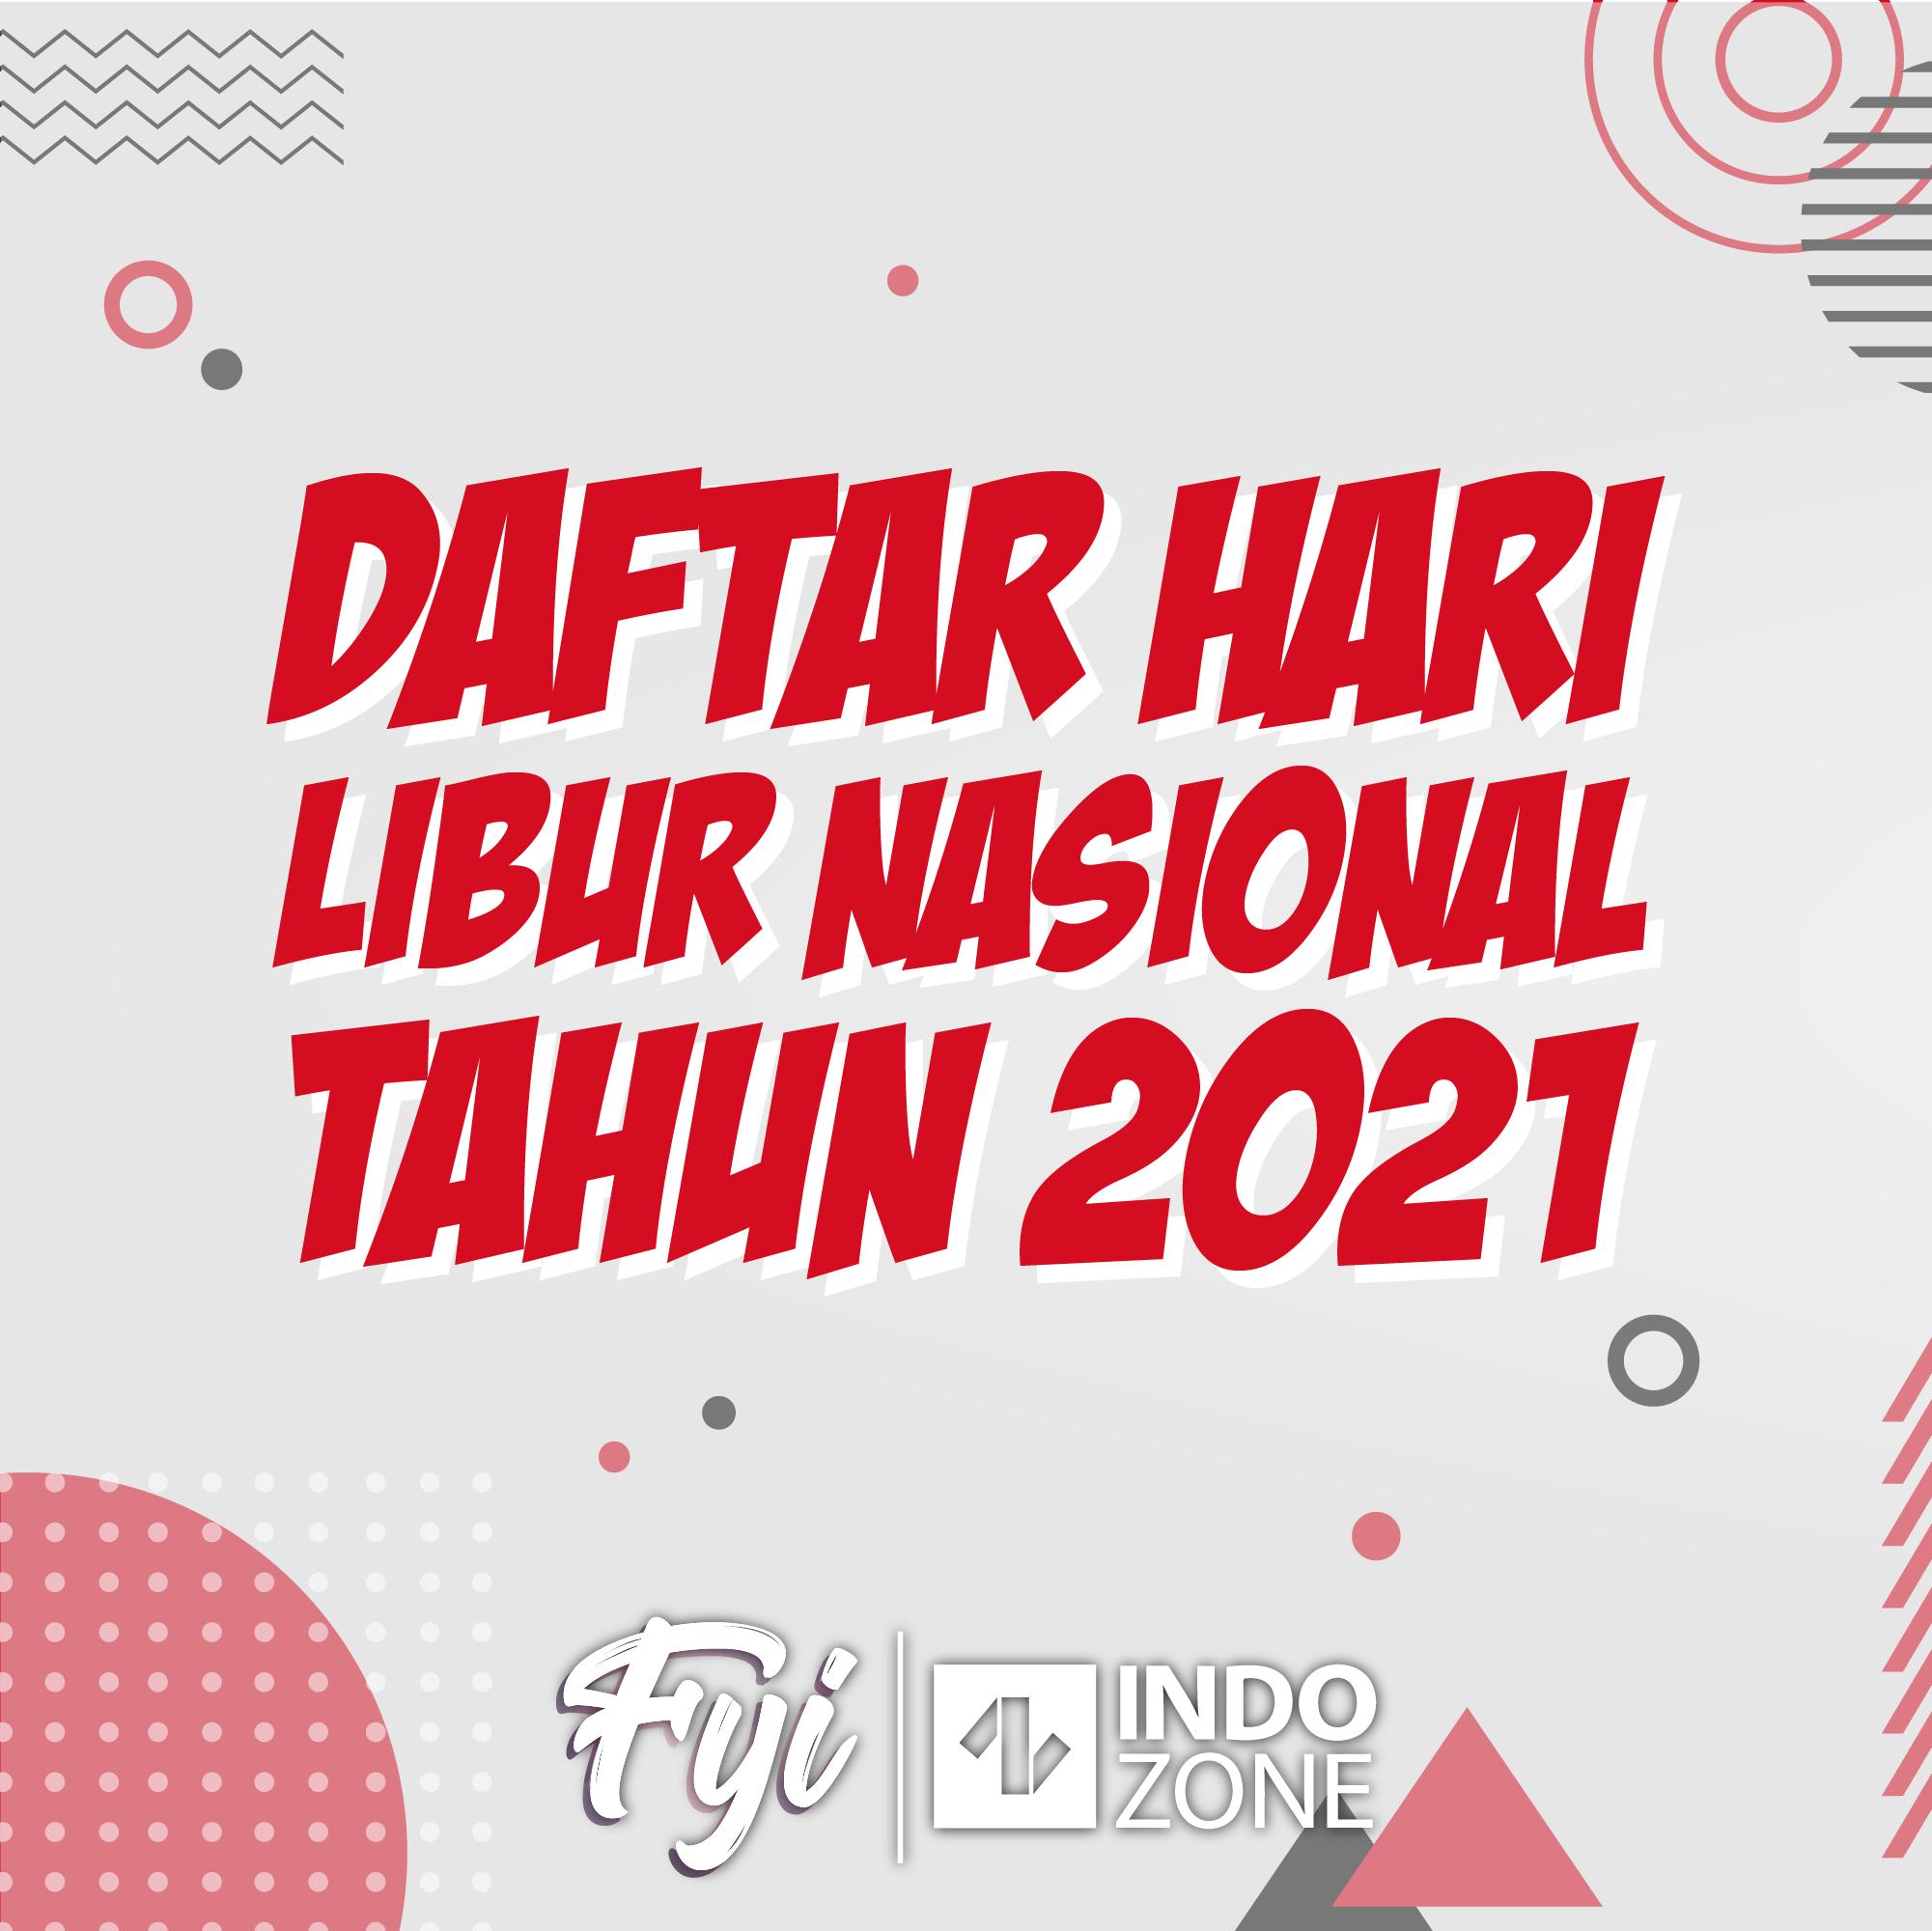 Daftar Hari Libur Nasional Tahun 2021